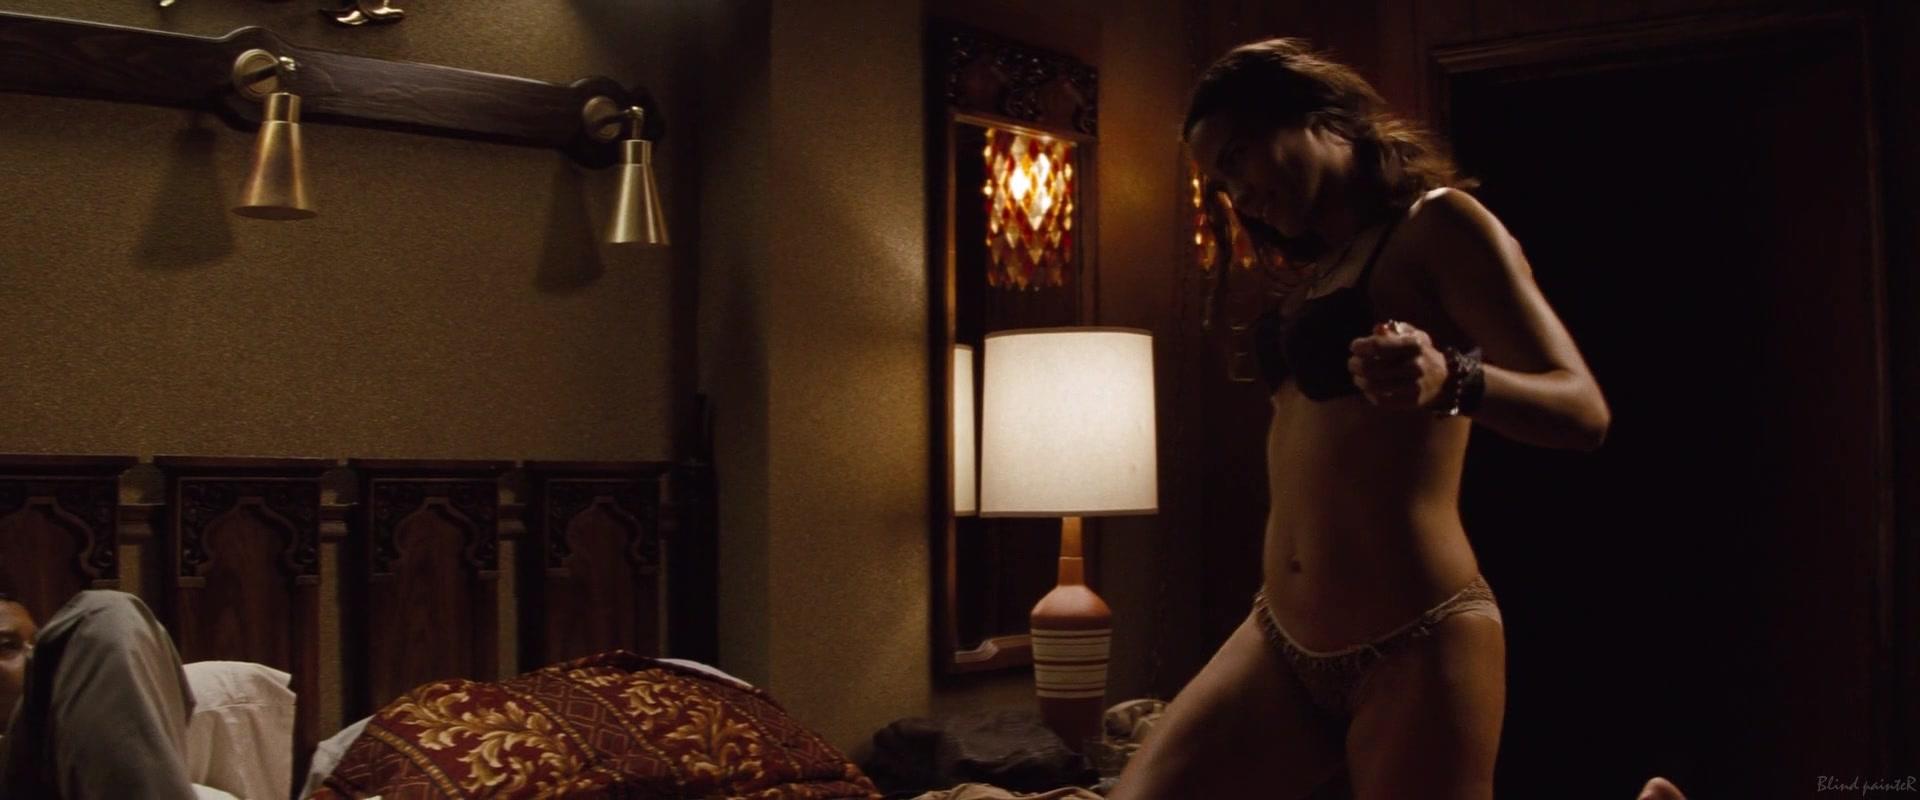 miss pooja fake nude fuccking girl